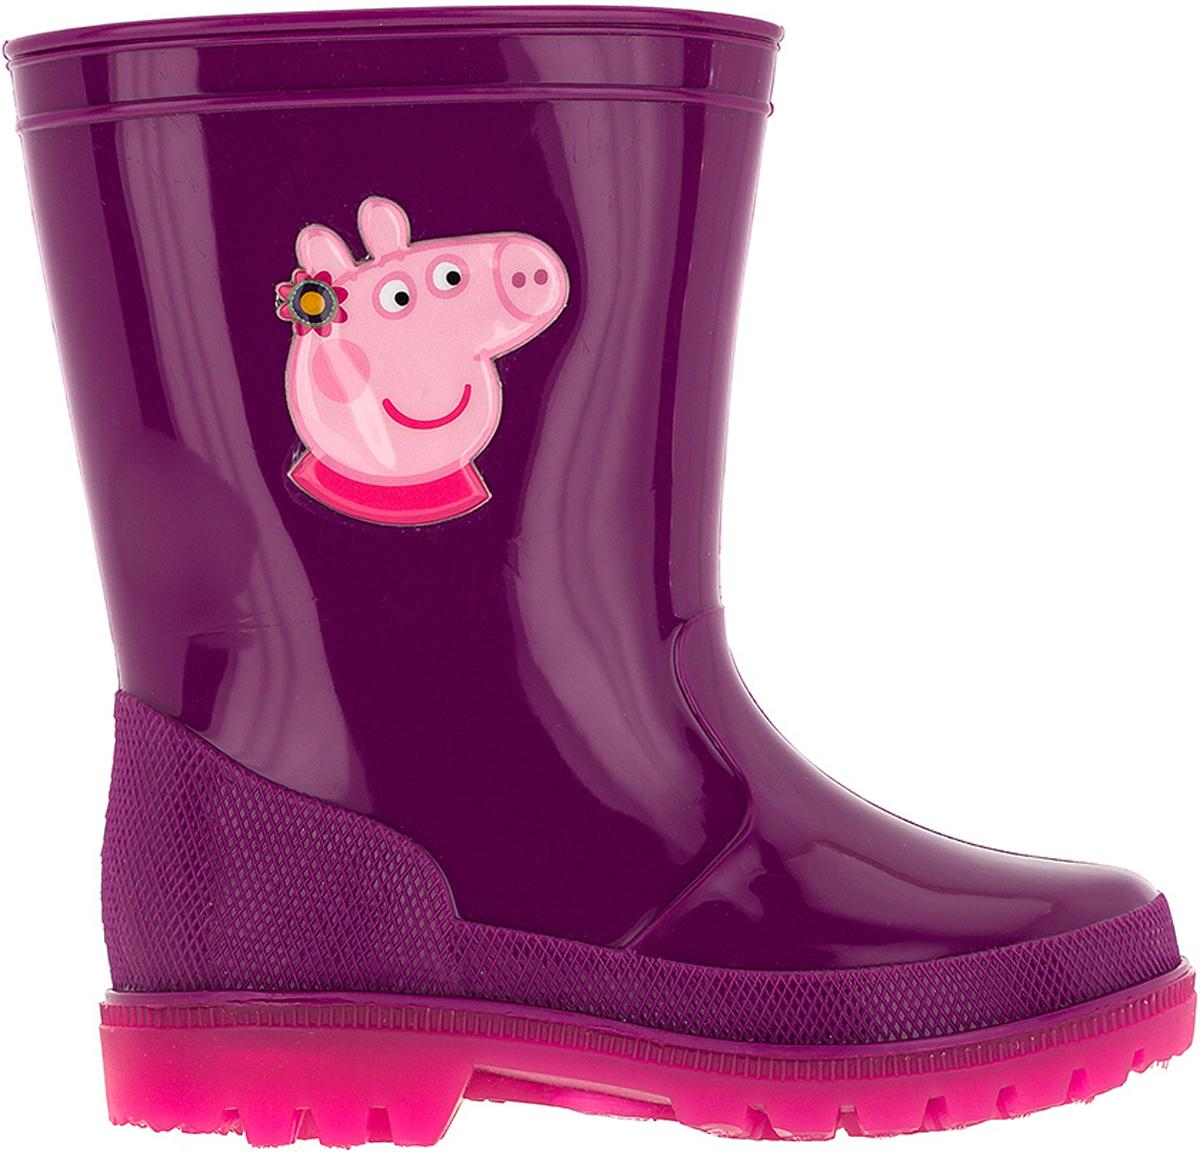 Резиновые сапоги6751BМодные резиновые сапоги от Kakadu - идеальная обувь в дождливую погоду для вашей девочки. Модель оформлена принтом с изображением Свинки Пеппы. Внутренняя поверхность и стелька из текстиля способствуют поддержанию тепла и комфортны при ходьбе. Подошва с протектором гарантирует отличное сцепление с любой поверхностью. Резиновые сапоги - необходимая вещь в гардеробе каждого ребенка.